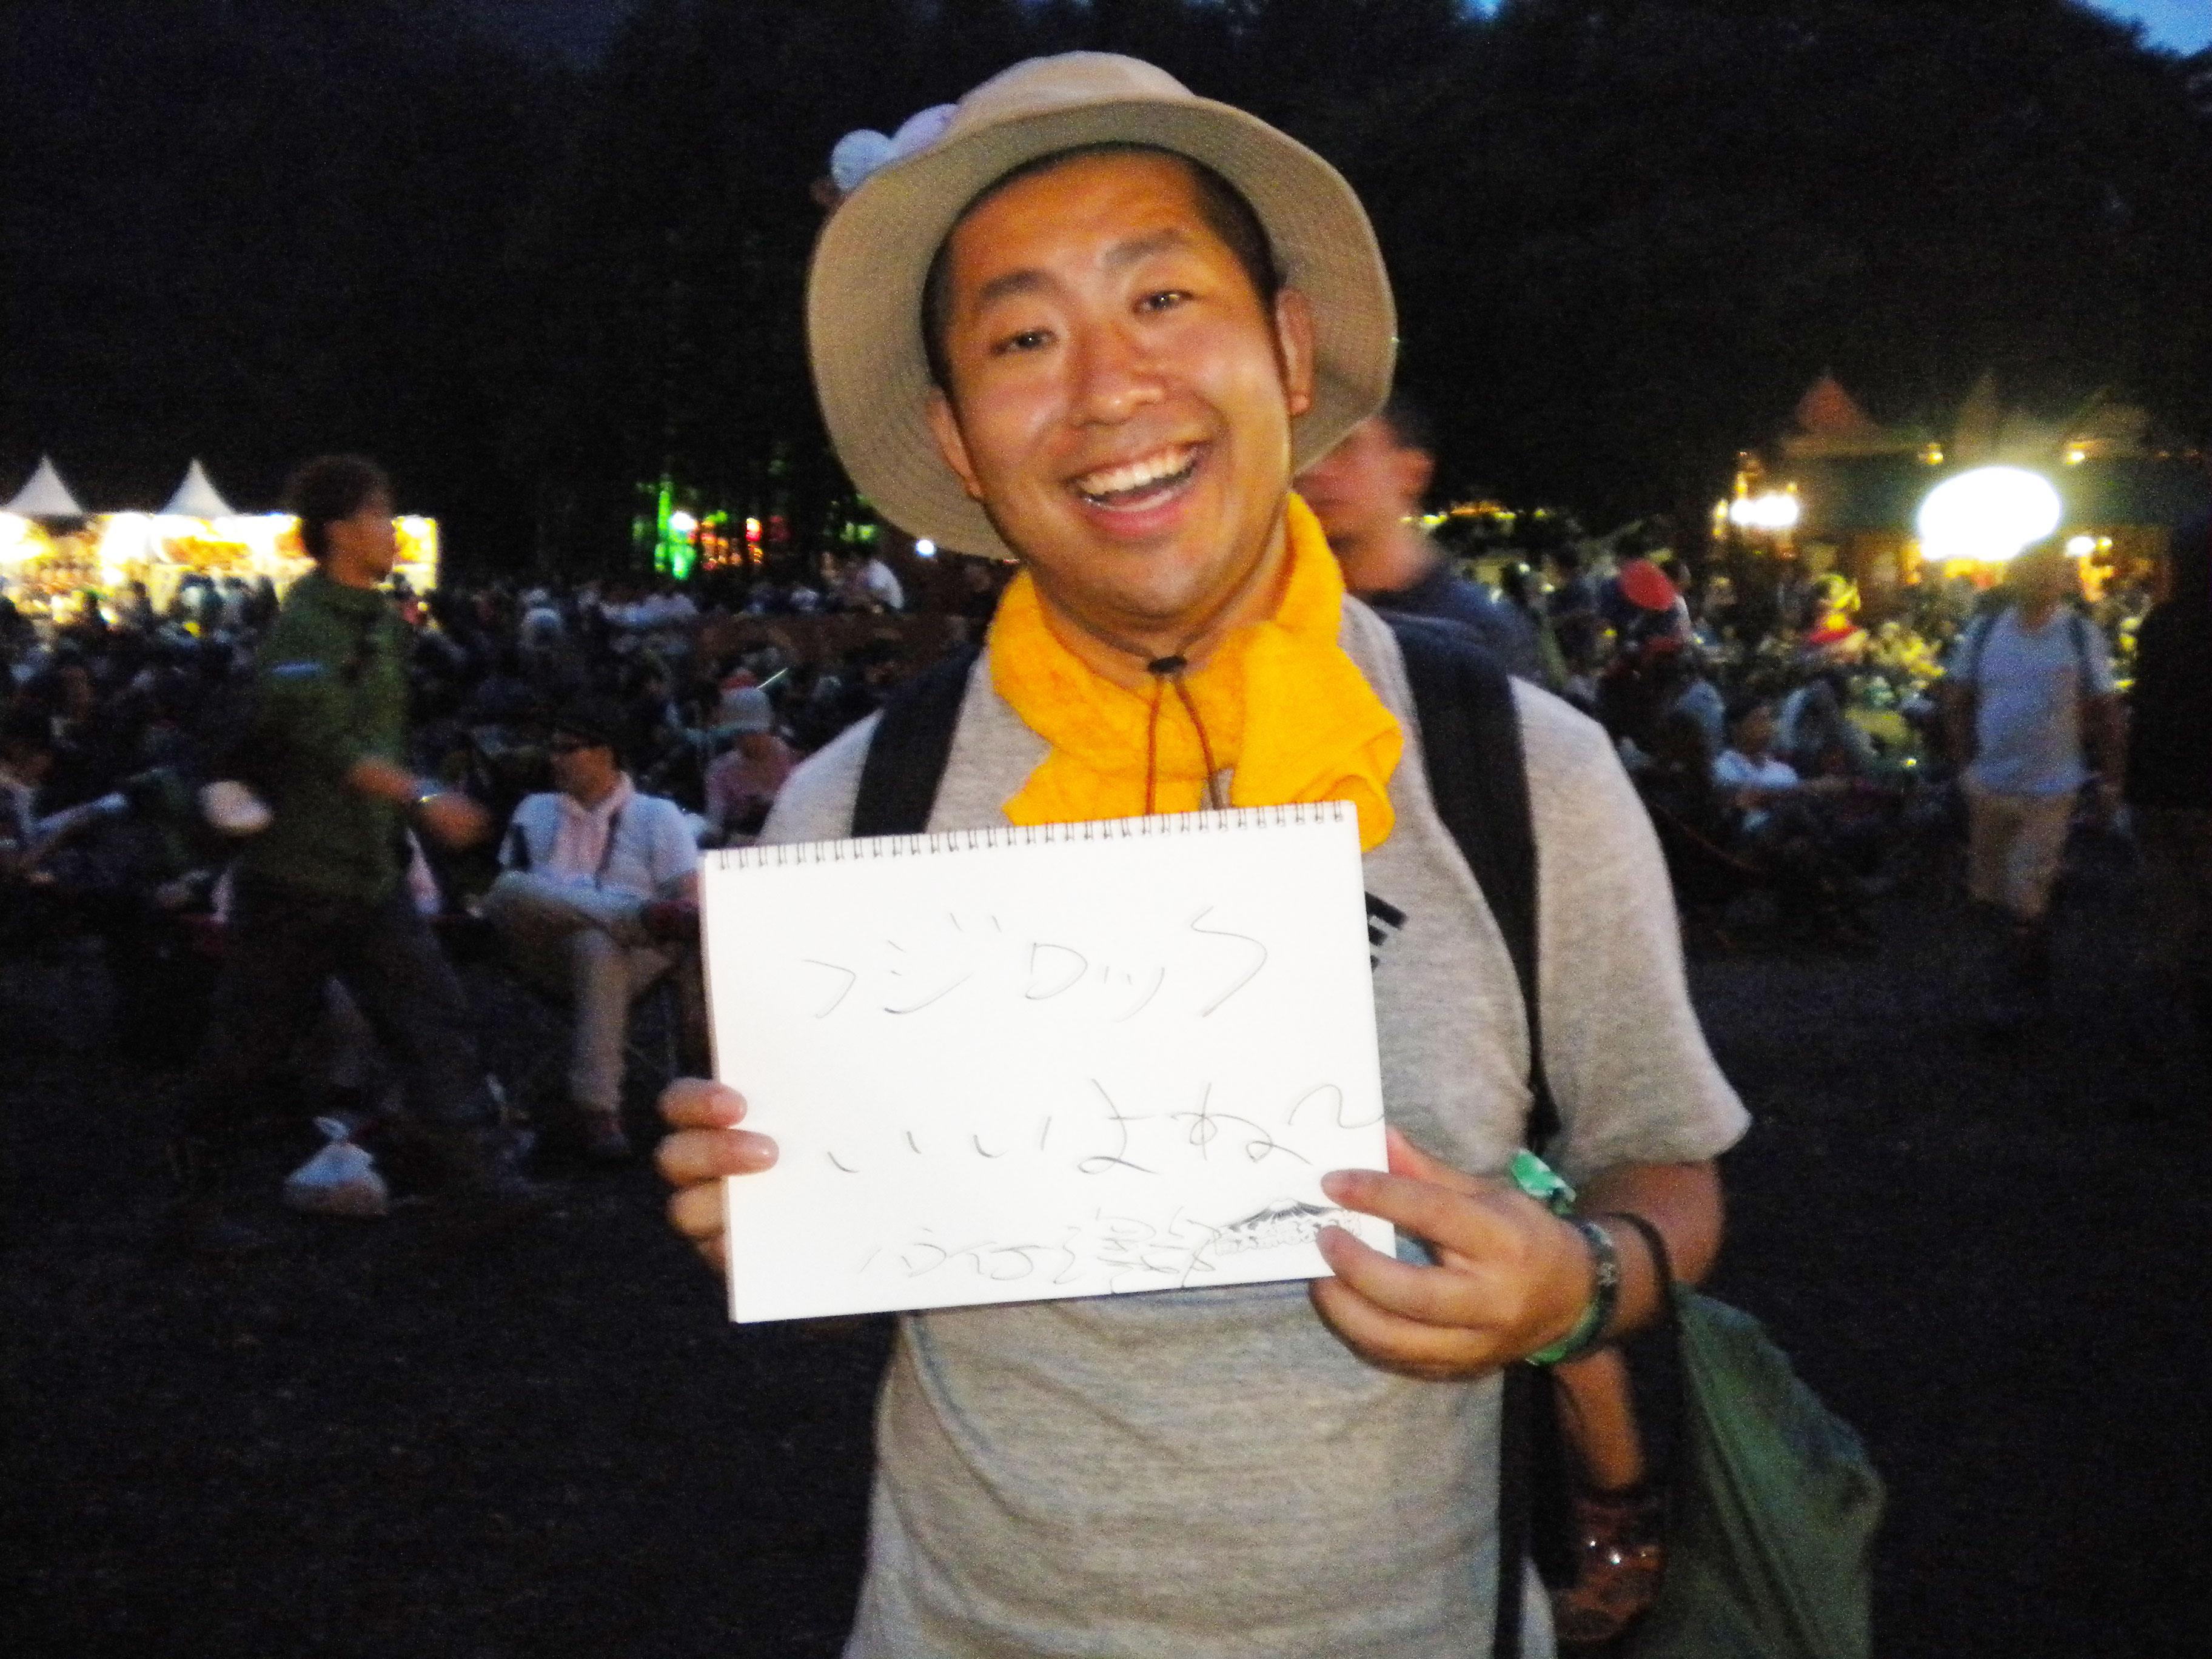 sawabe フジロック会場で発⾒!有名人フォトスナップ【前夜祭&1 ⽇⽬】